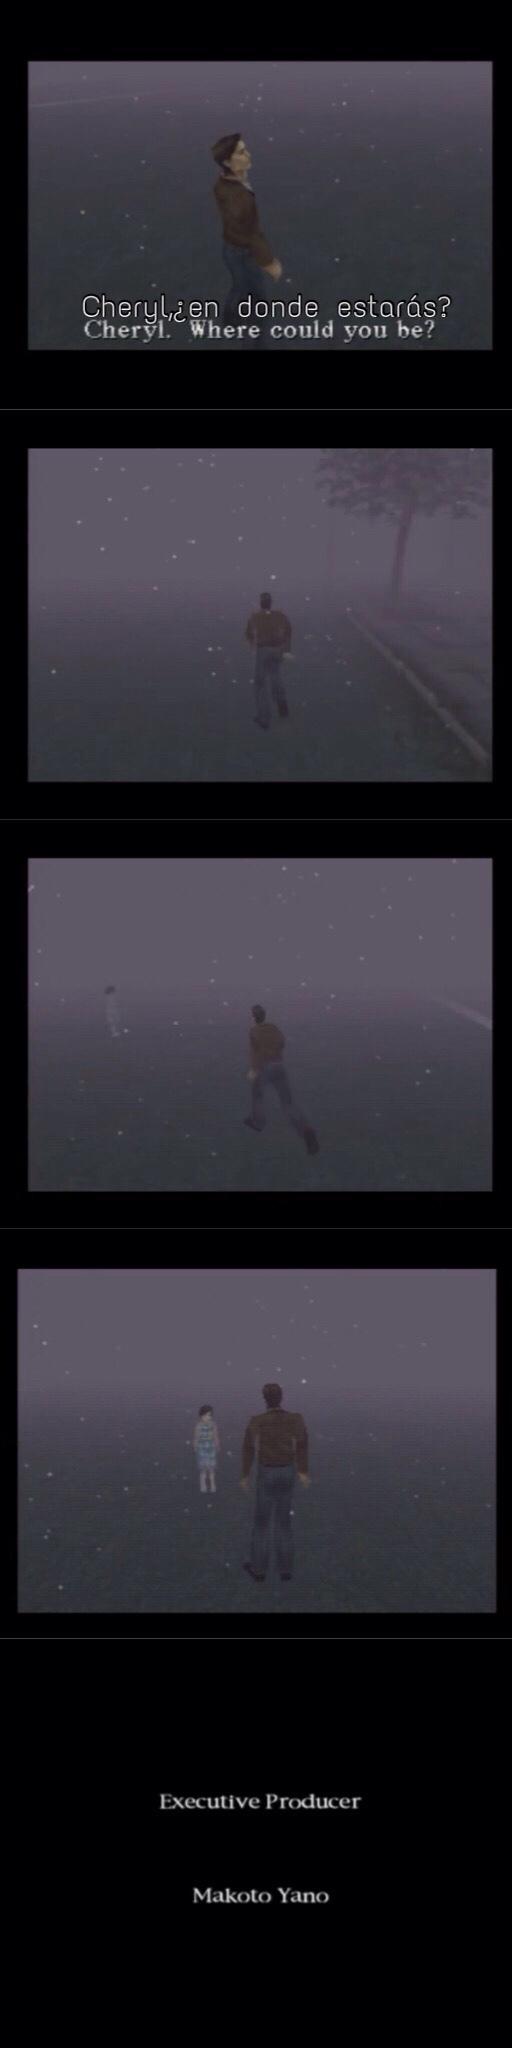 Los que jugaron Silent Hill entenderán